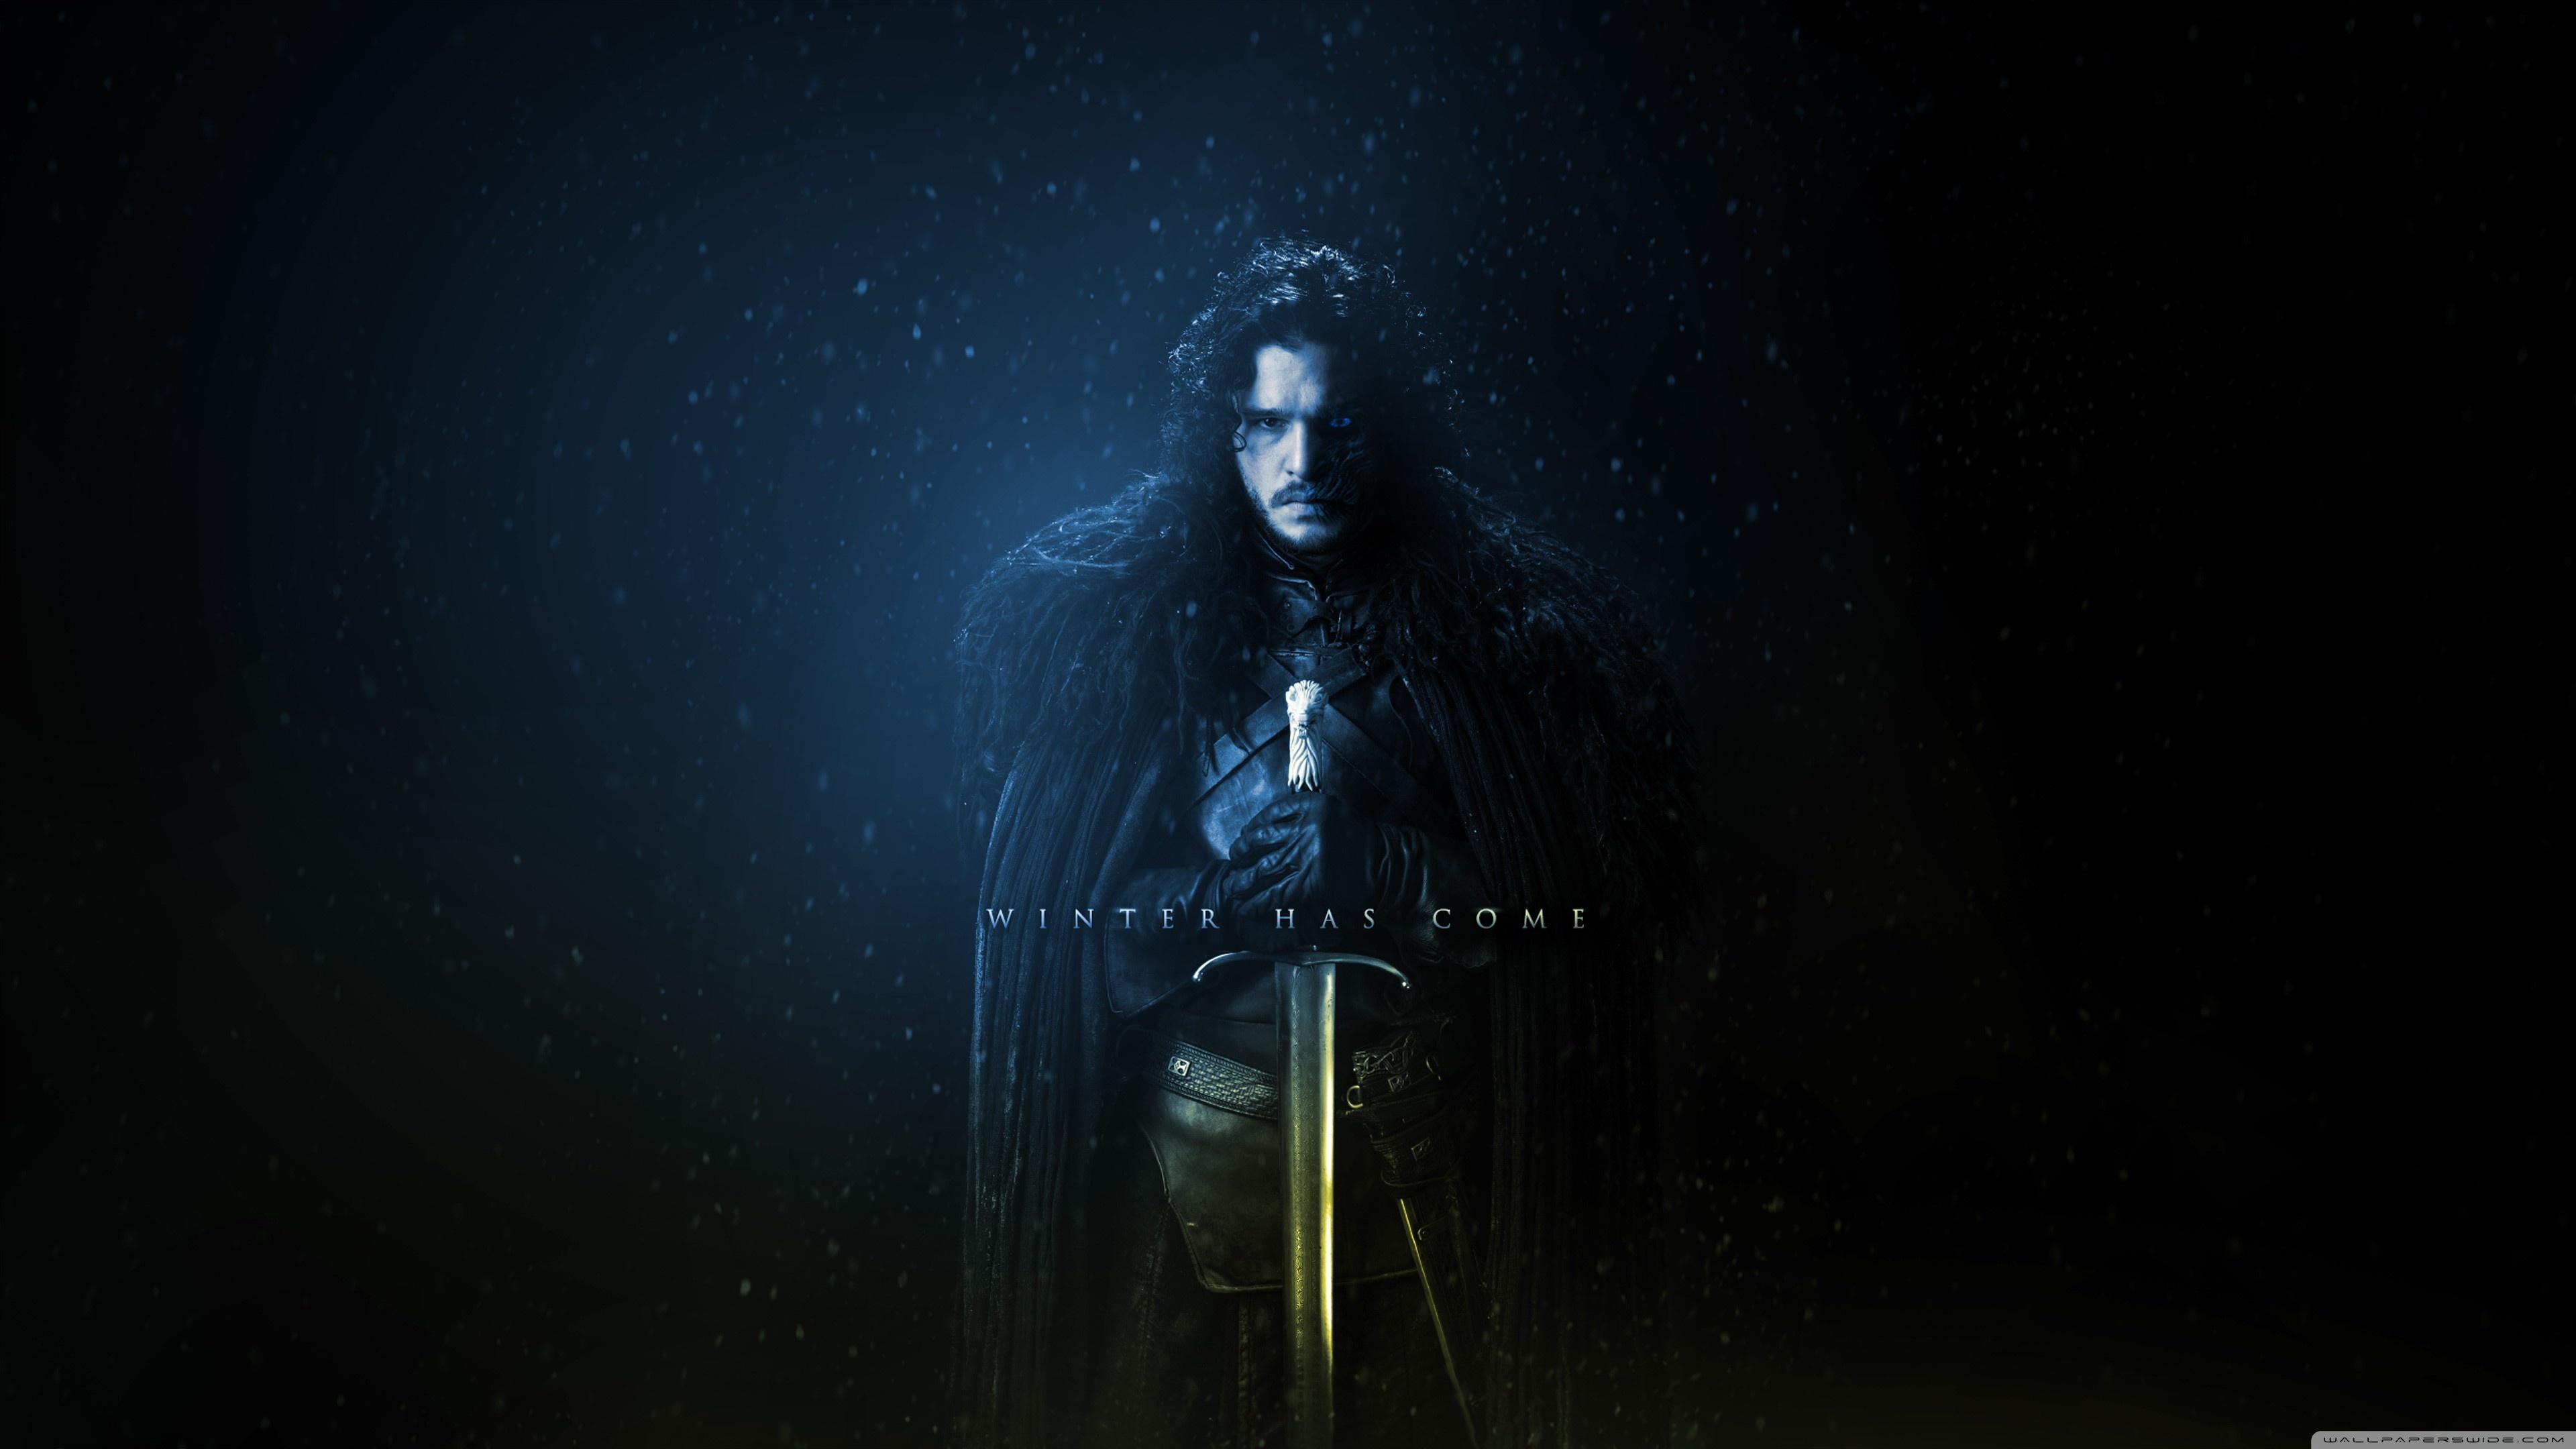 Game Of Thrones Season 7 Winter Has Come 4K HD Desktop 3840x2160